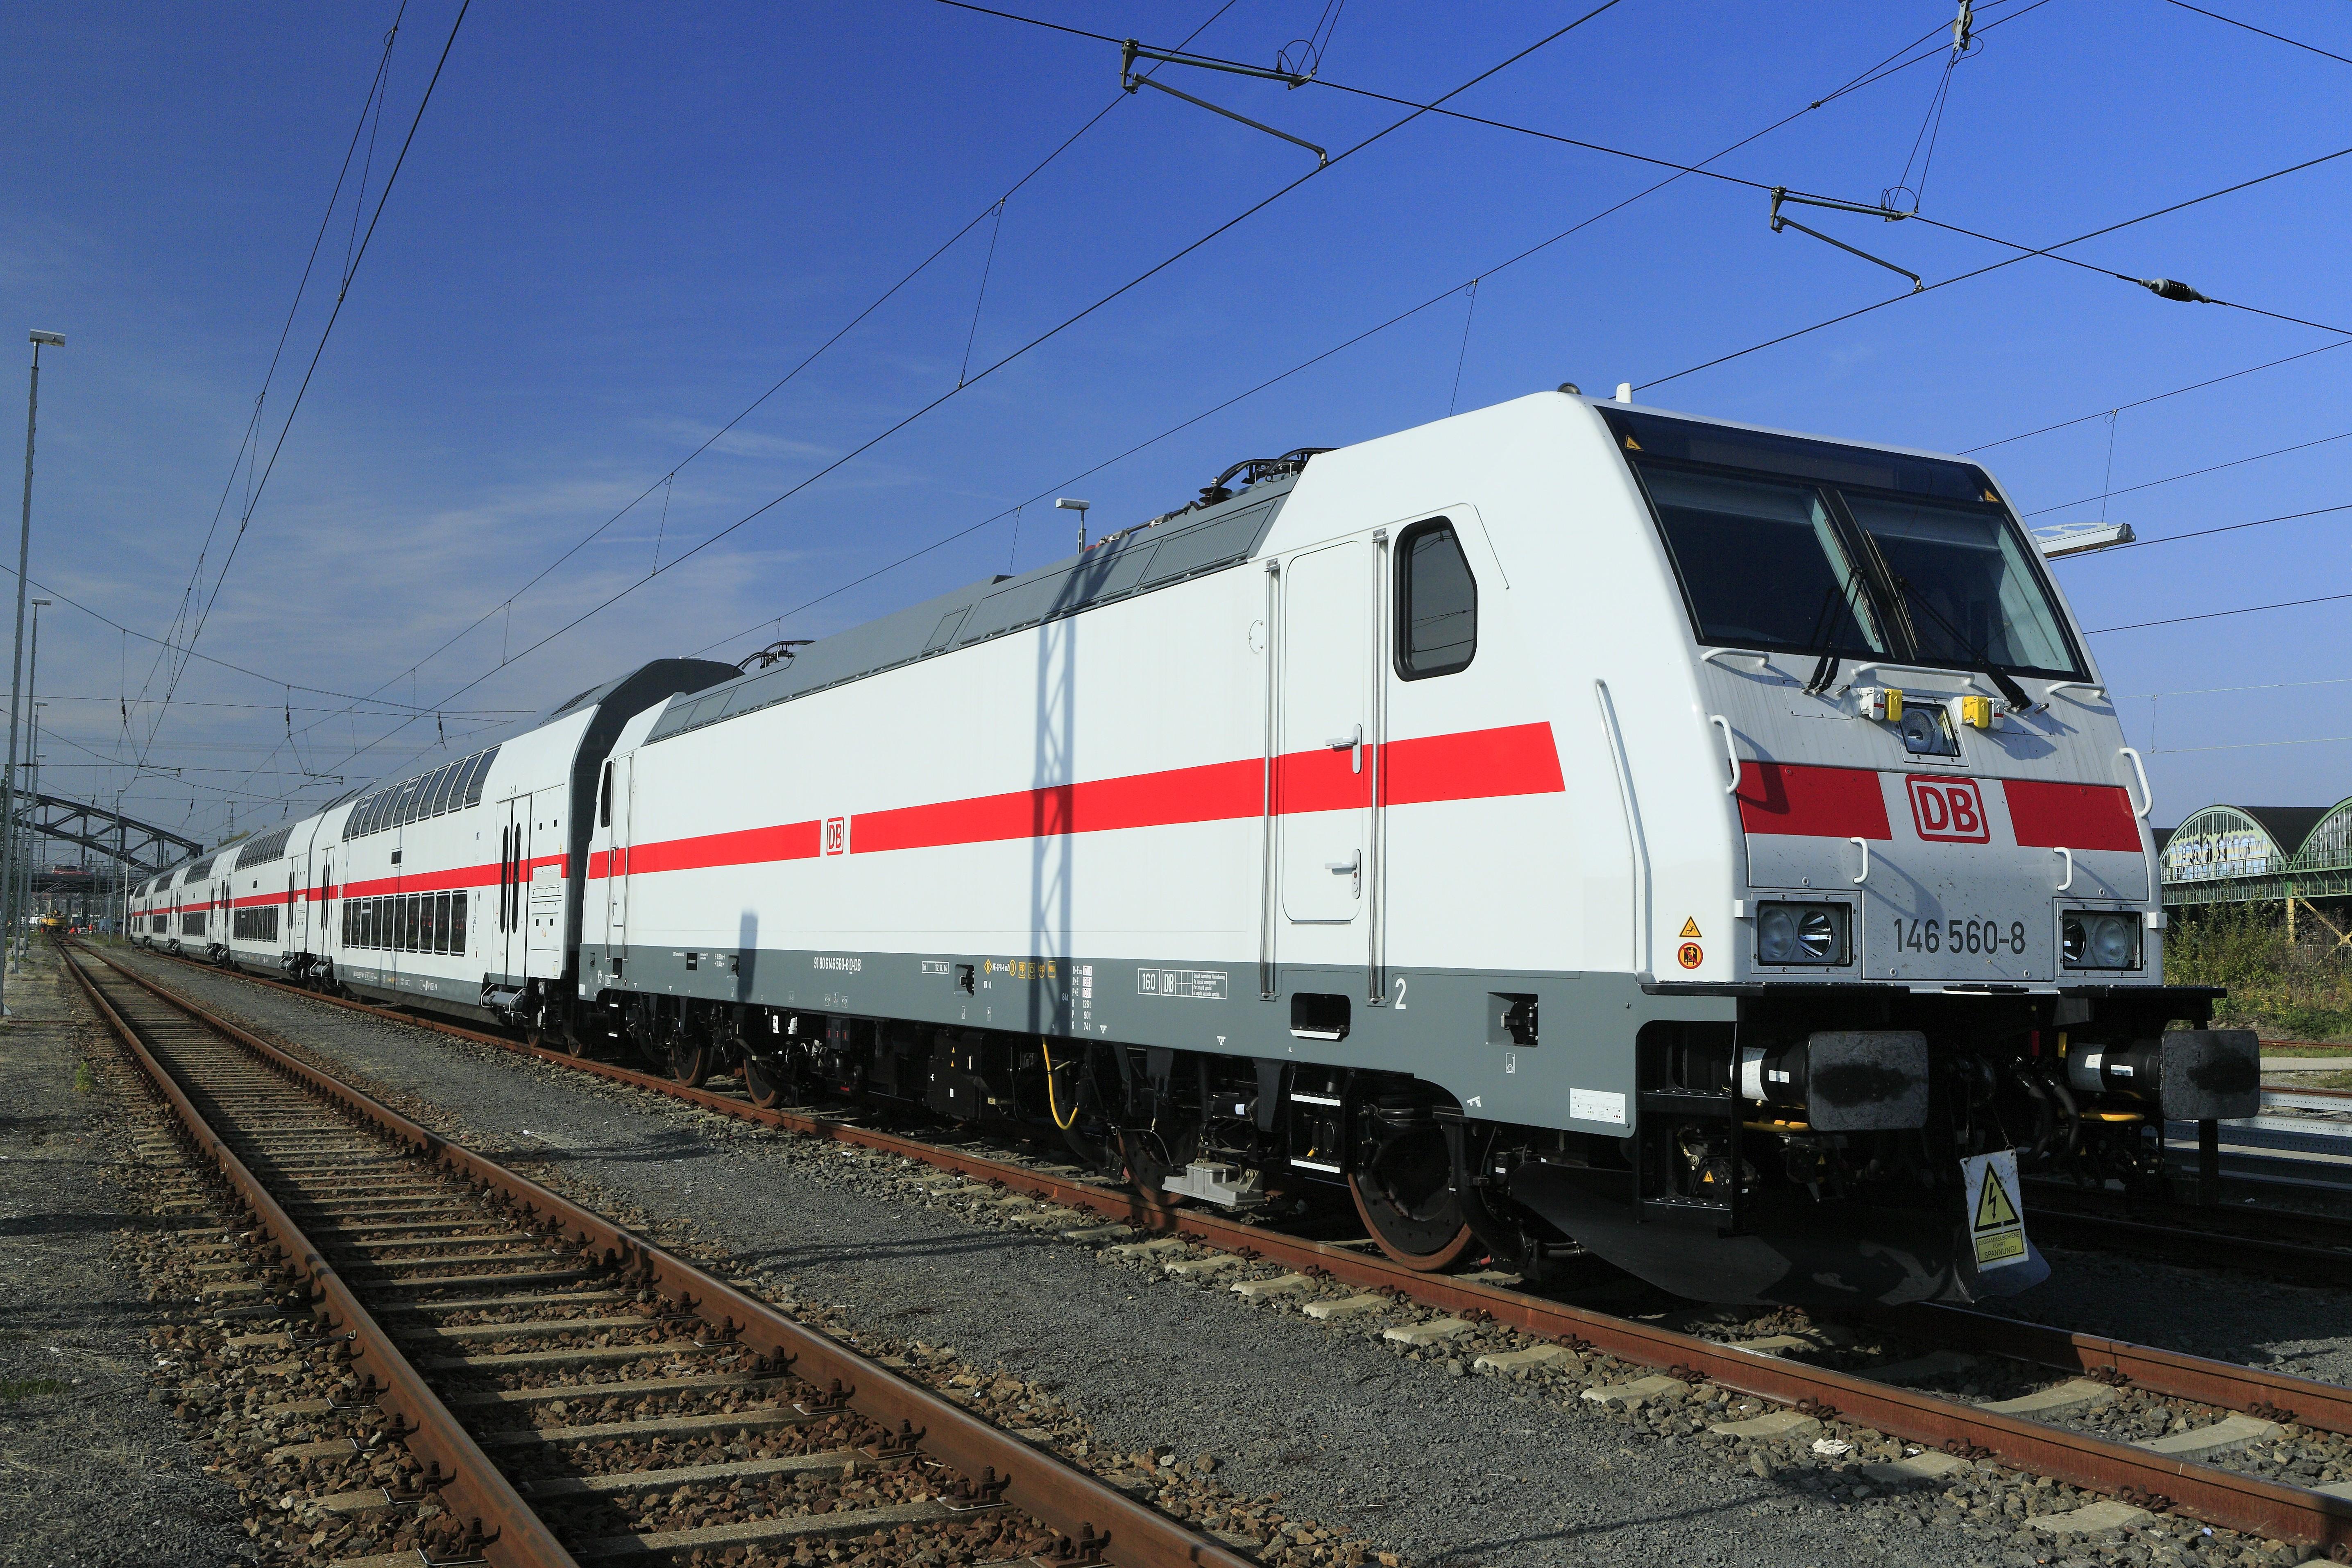 J24 223 Schönefelder Gruppe, 146 560.jpg